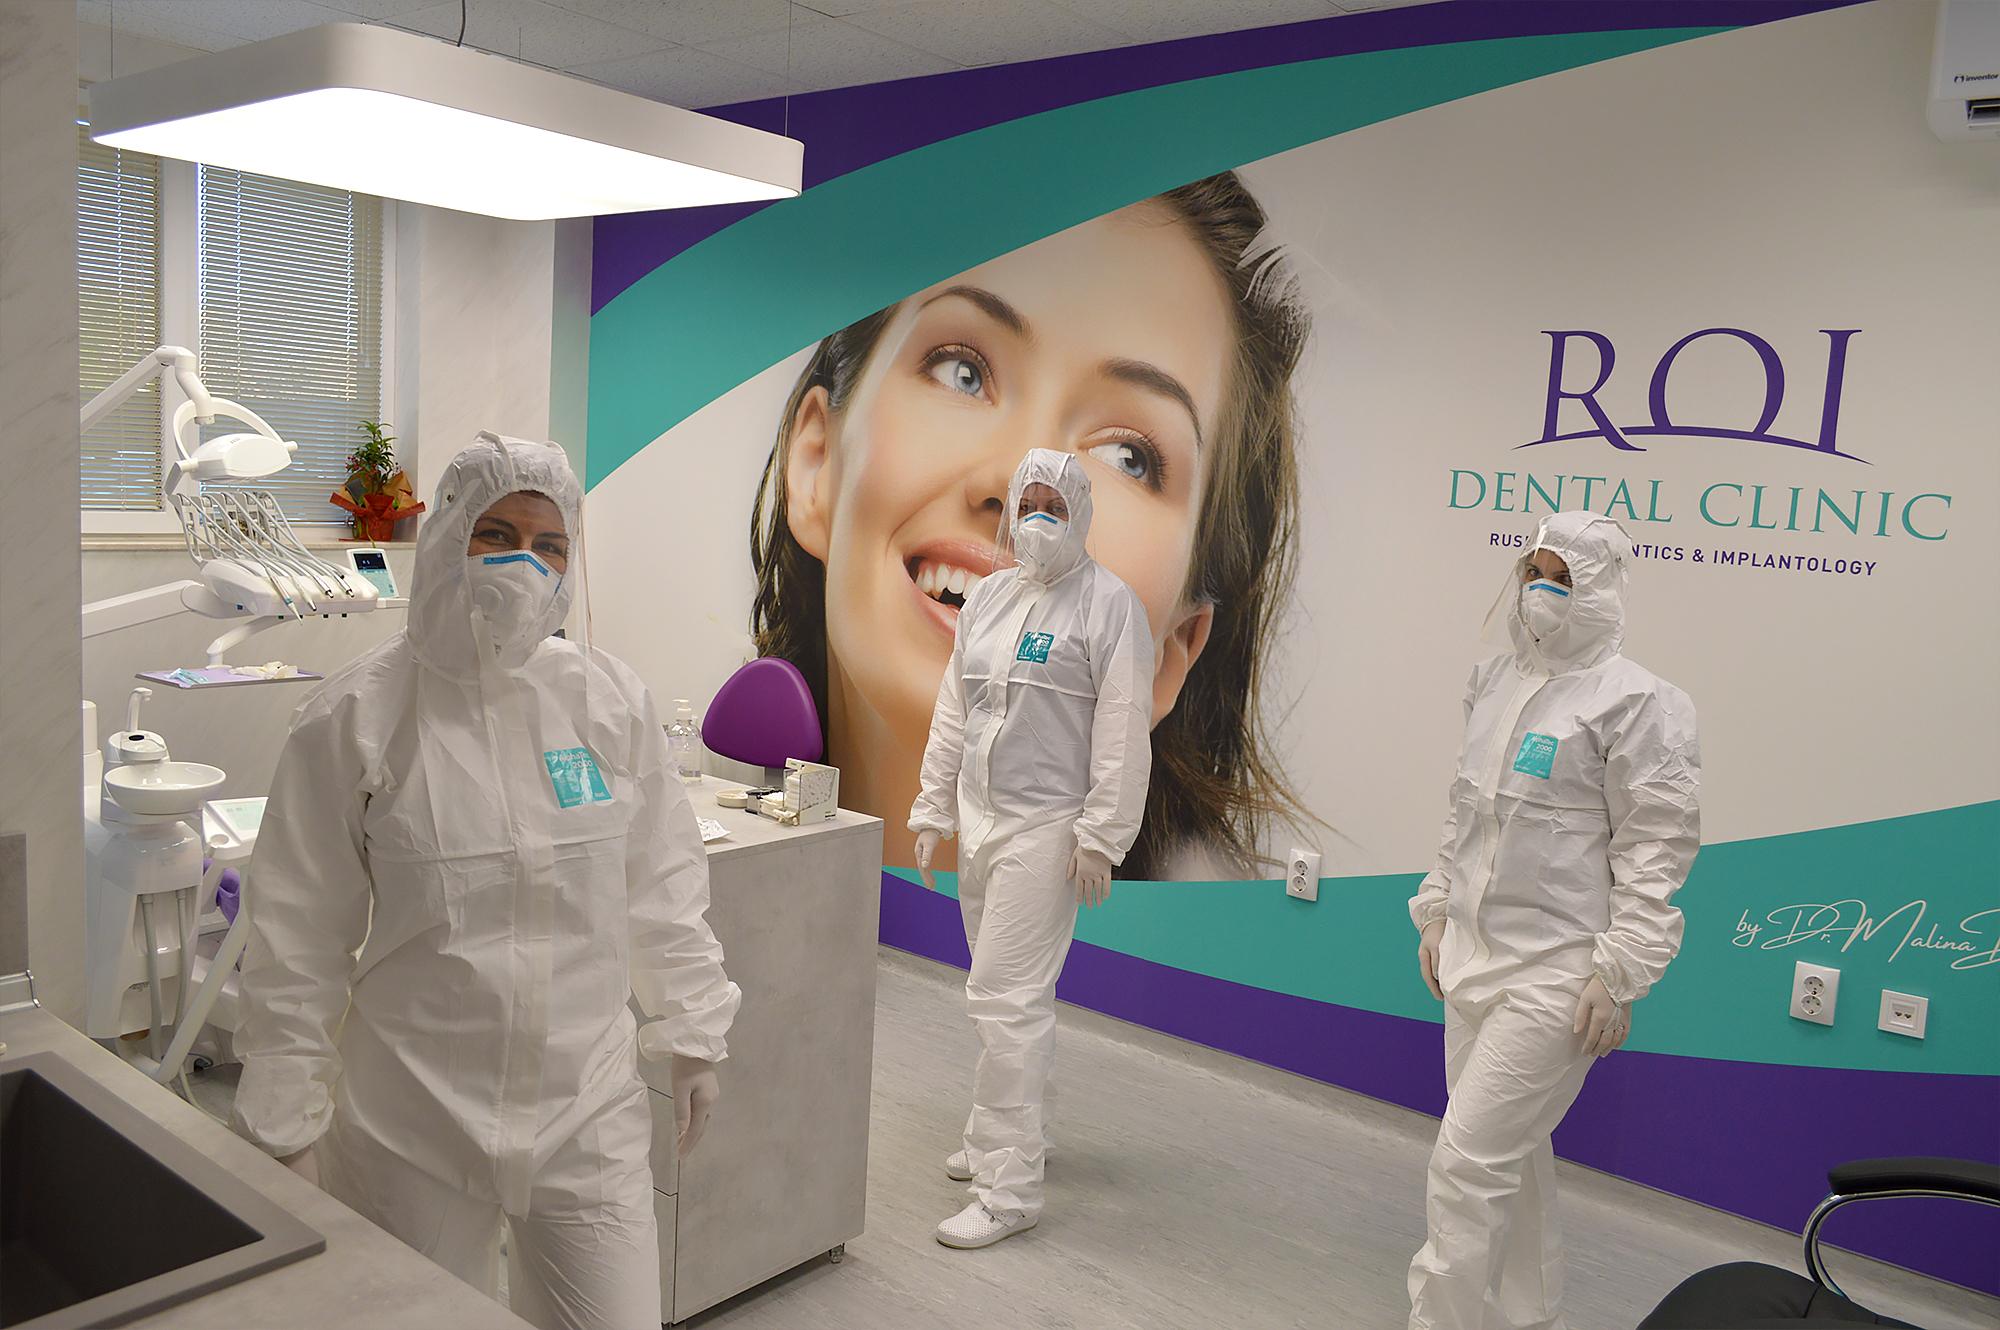 ROI Dental Clinic ще работи с пациенти, които имат нужда от консултация или лечение.